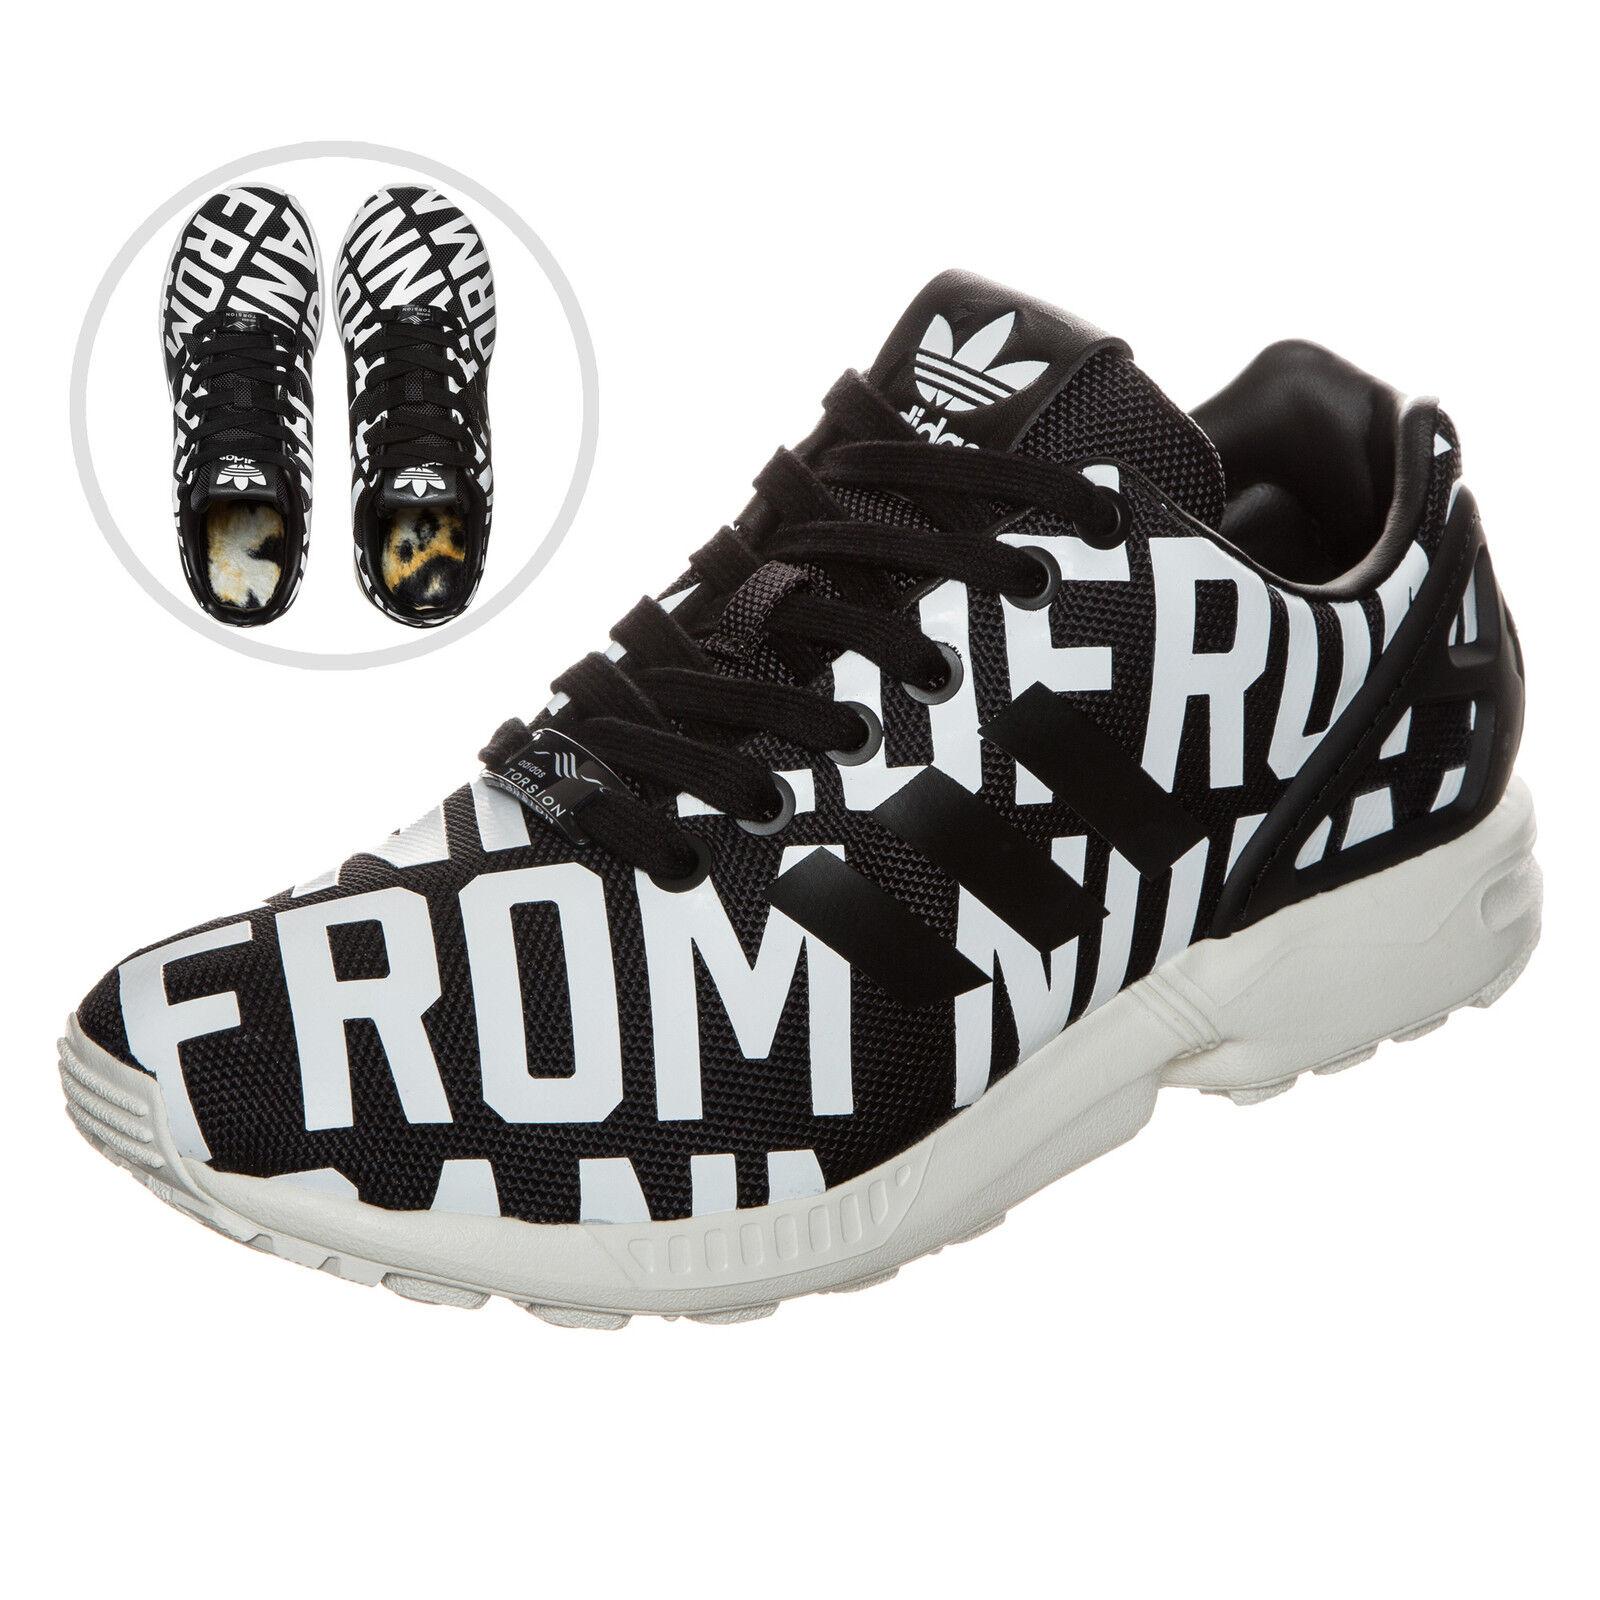 Adidas Originals Rita Ora ZX Flux Turnschuhe Damen Schwarz NEU Schuhe Turnschuhe    Ausgang